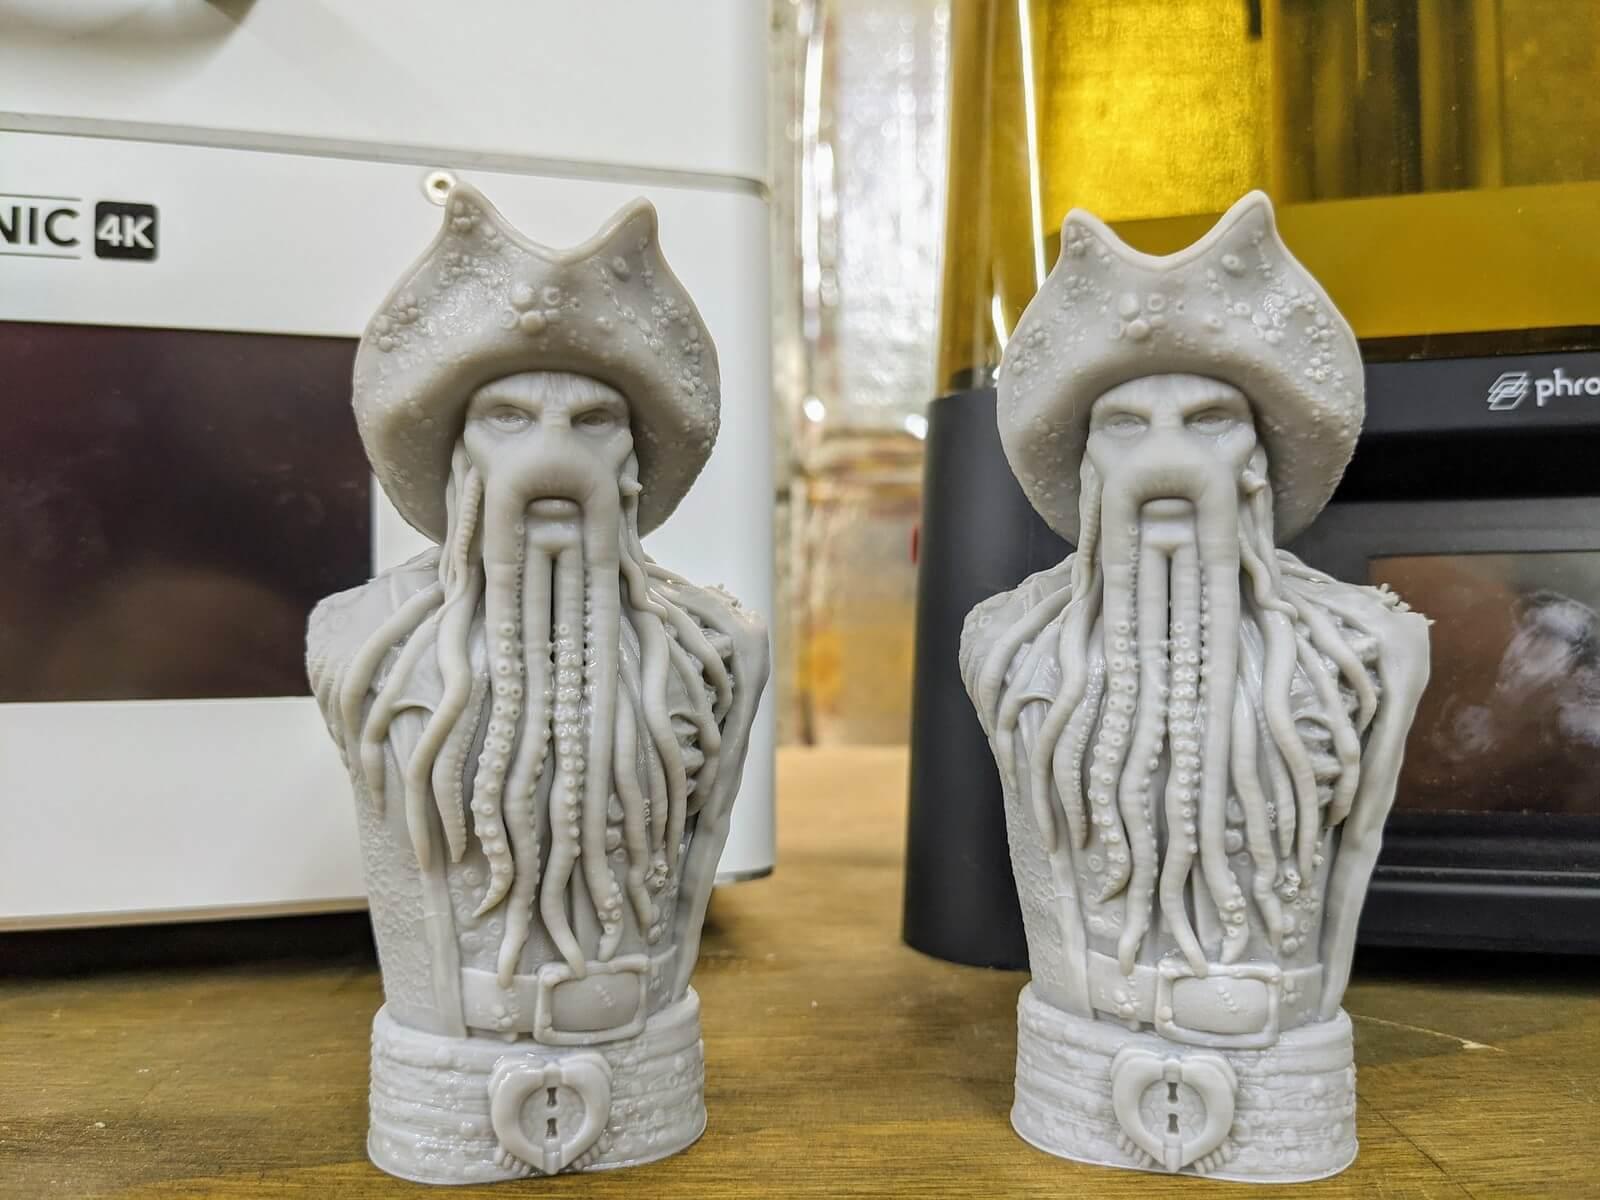 слева качество печати 3D-принтер Phrozen Sonic 4K